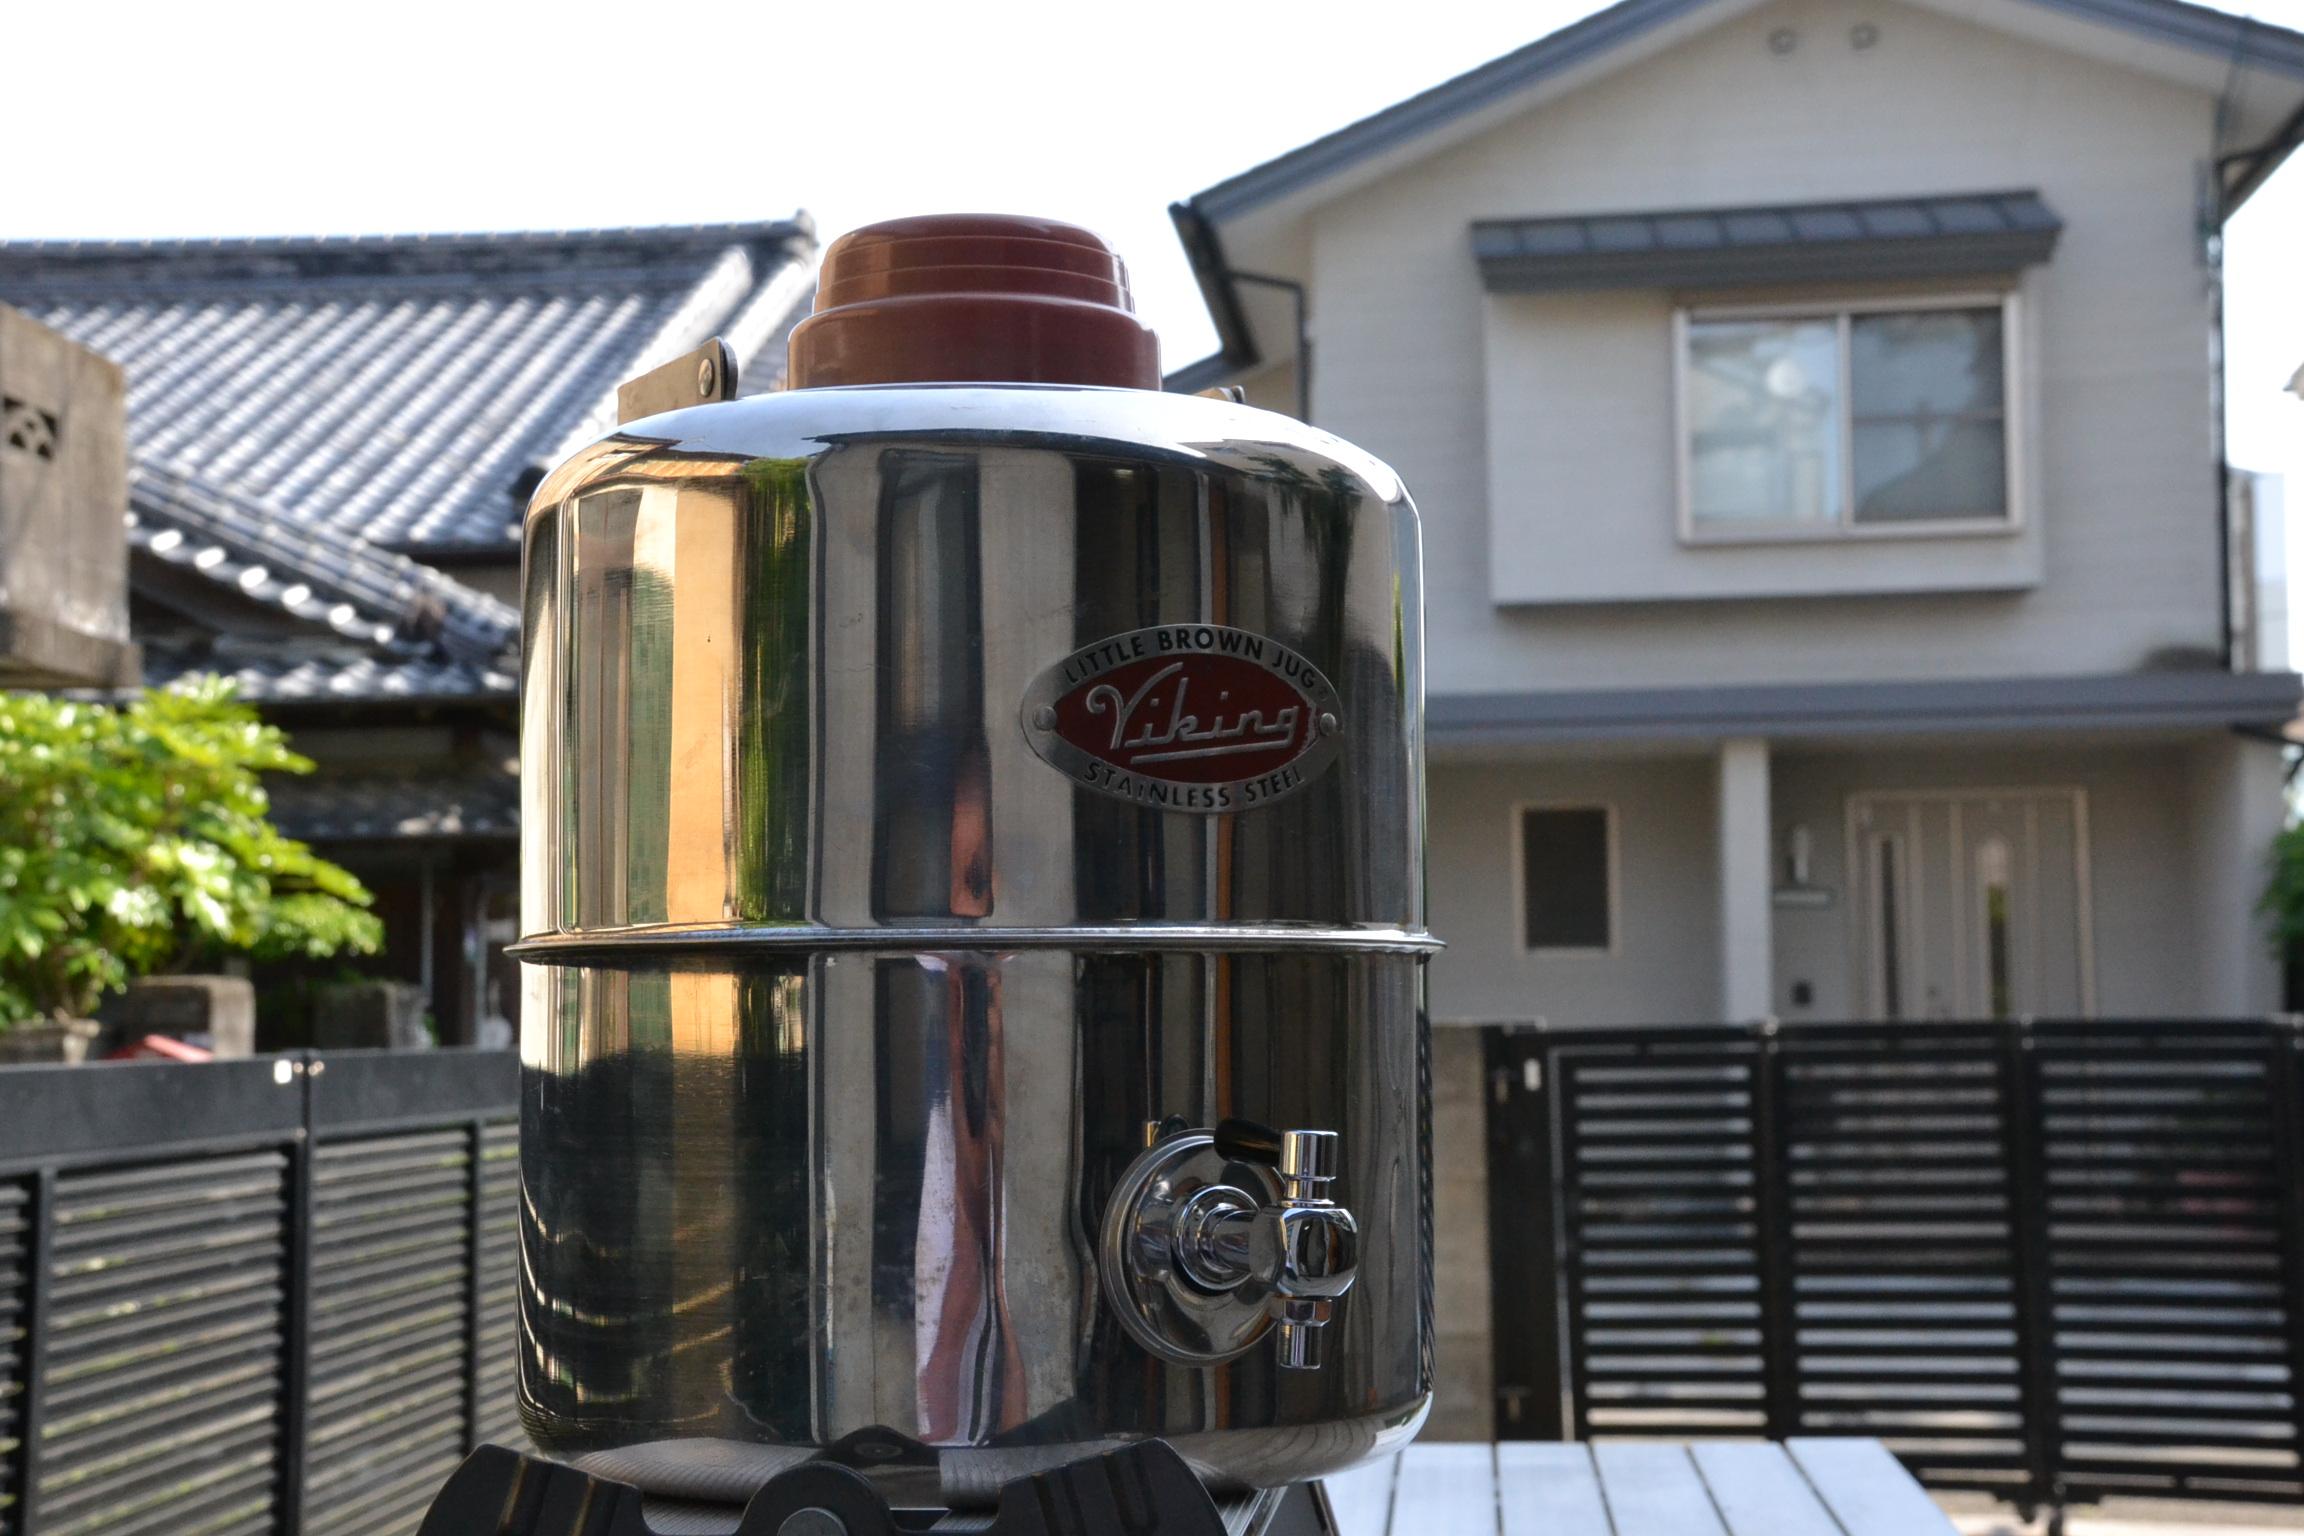 Little Brown jug Viking リトルブラウンジャグ ヴァイキング